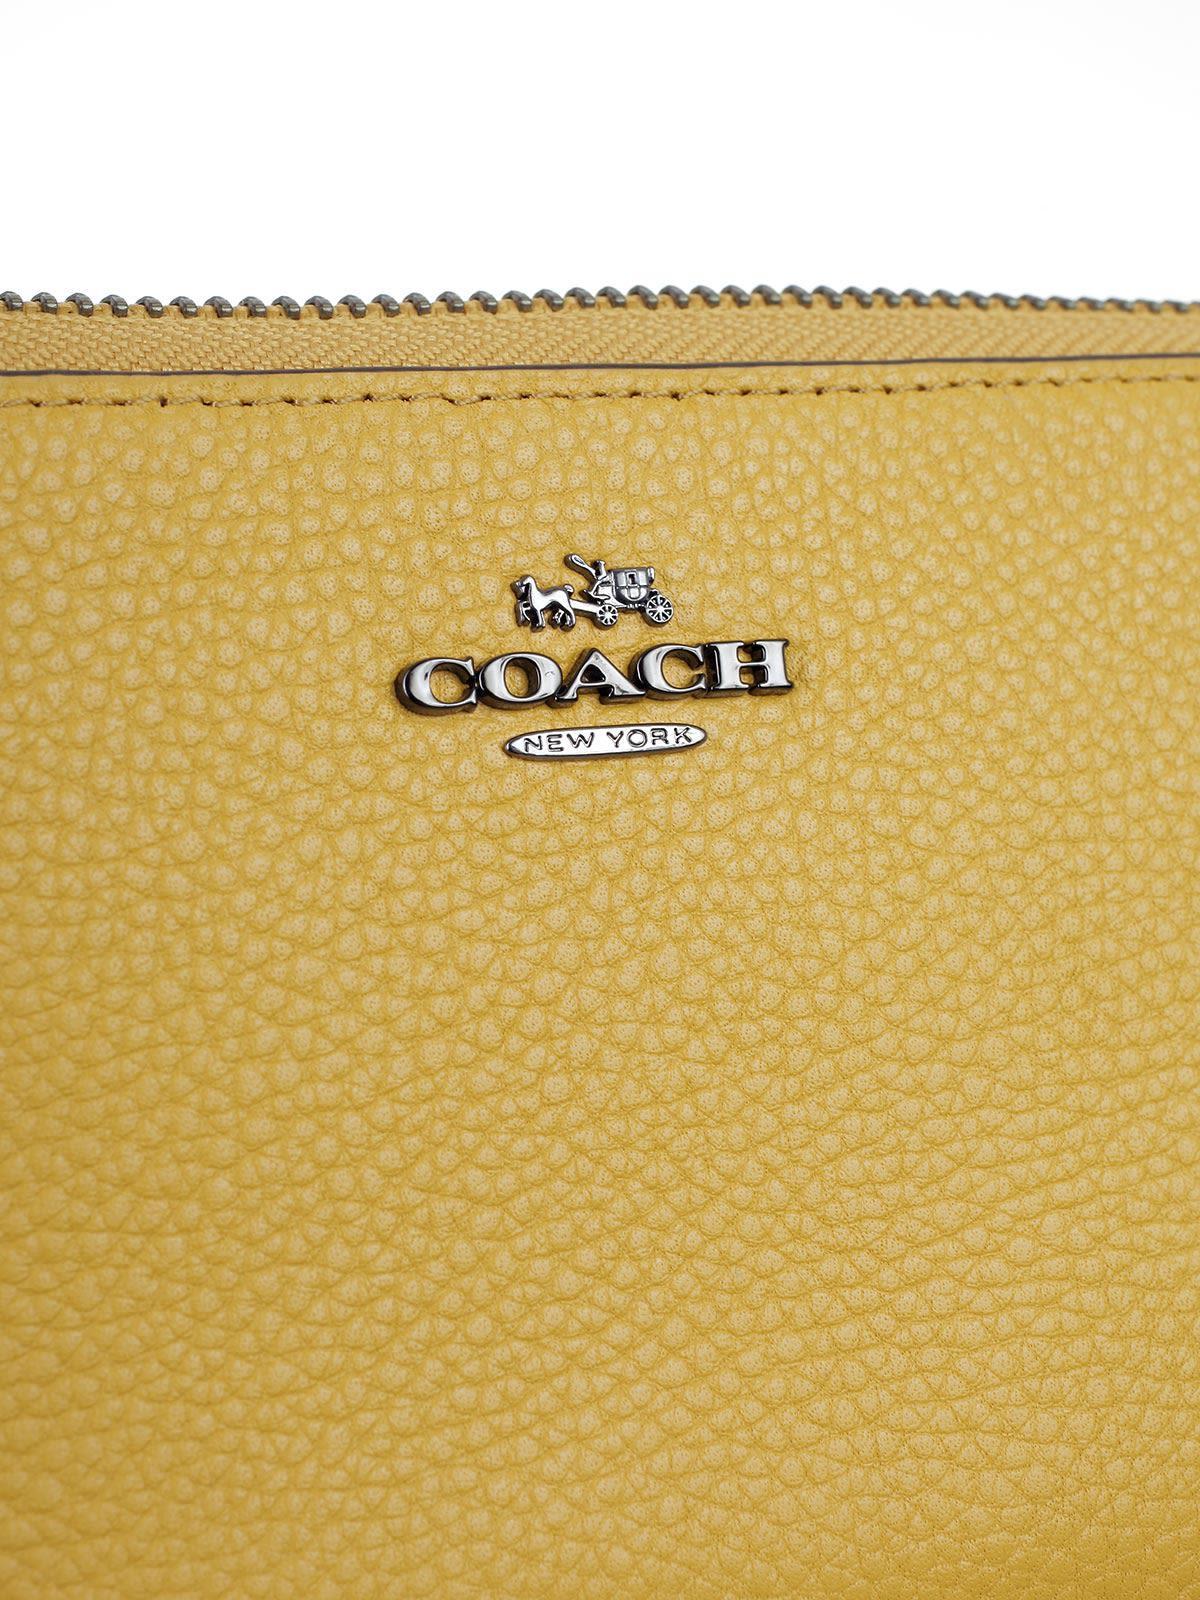 Coach Shoulder Bag In Dkebv Yellow Gold